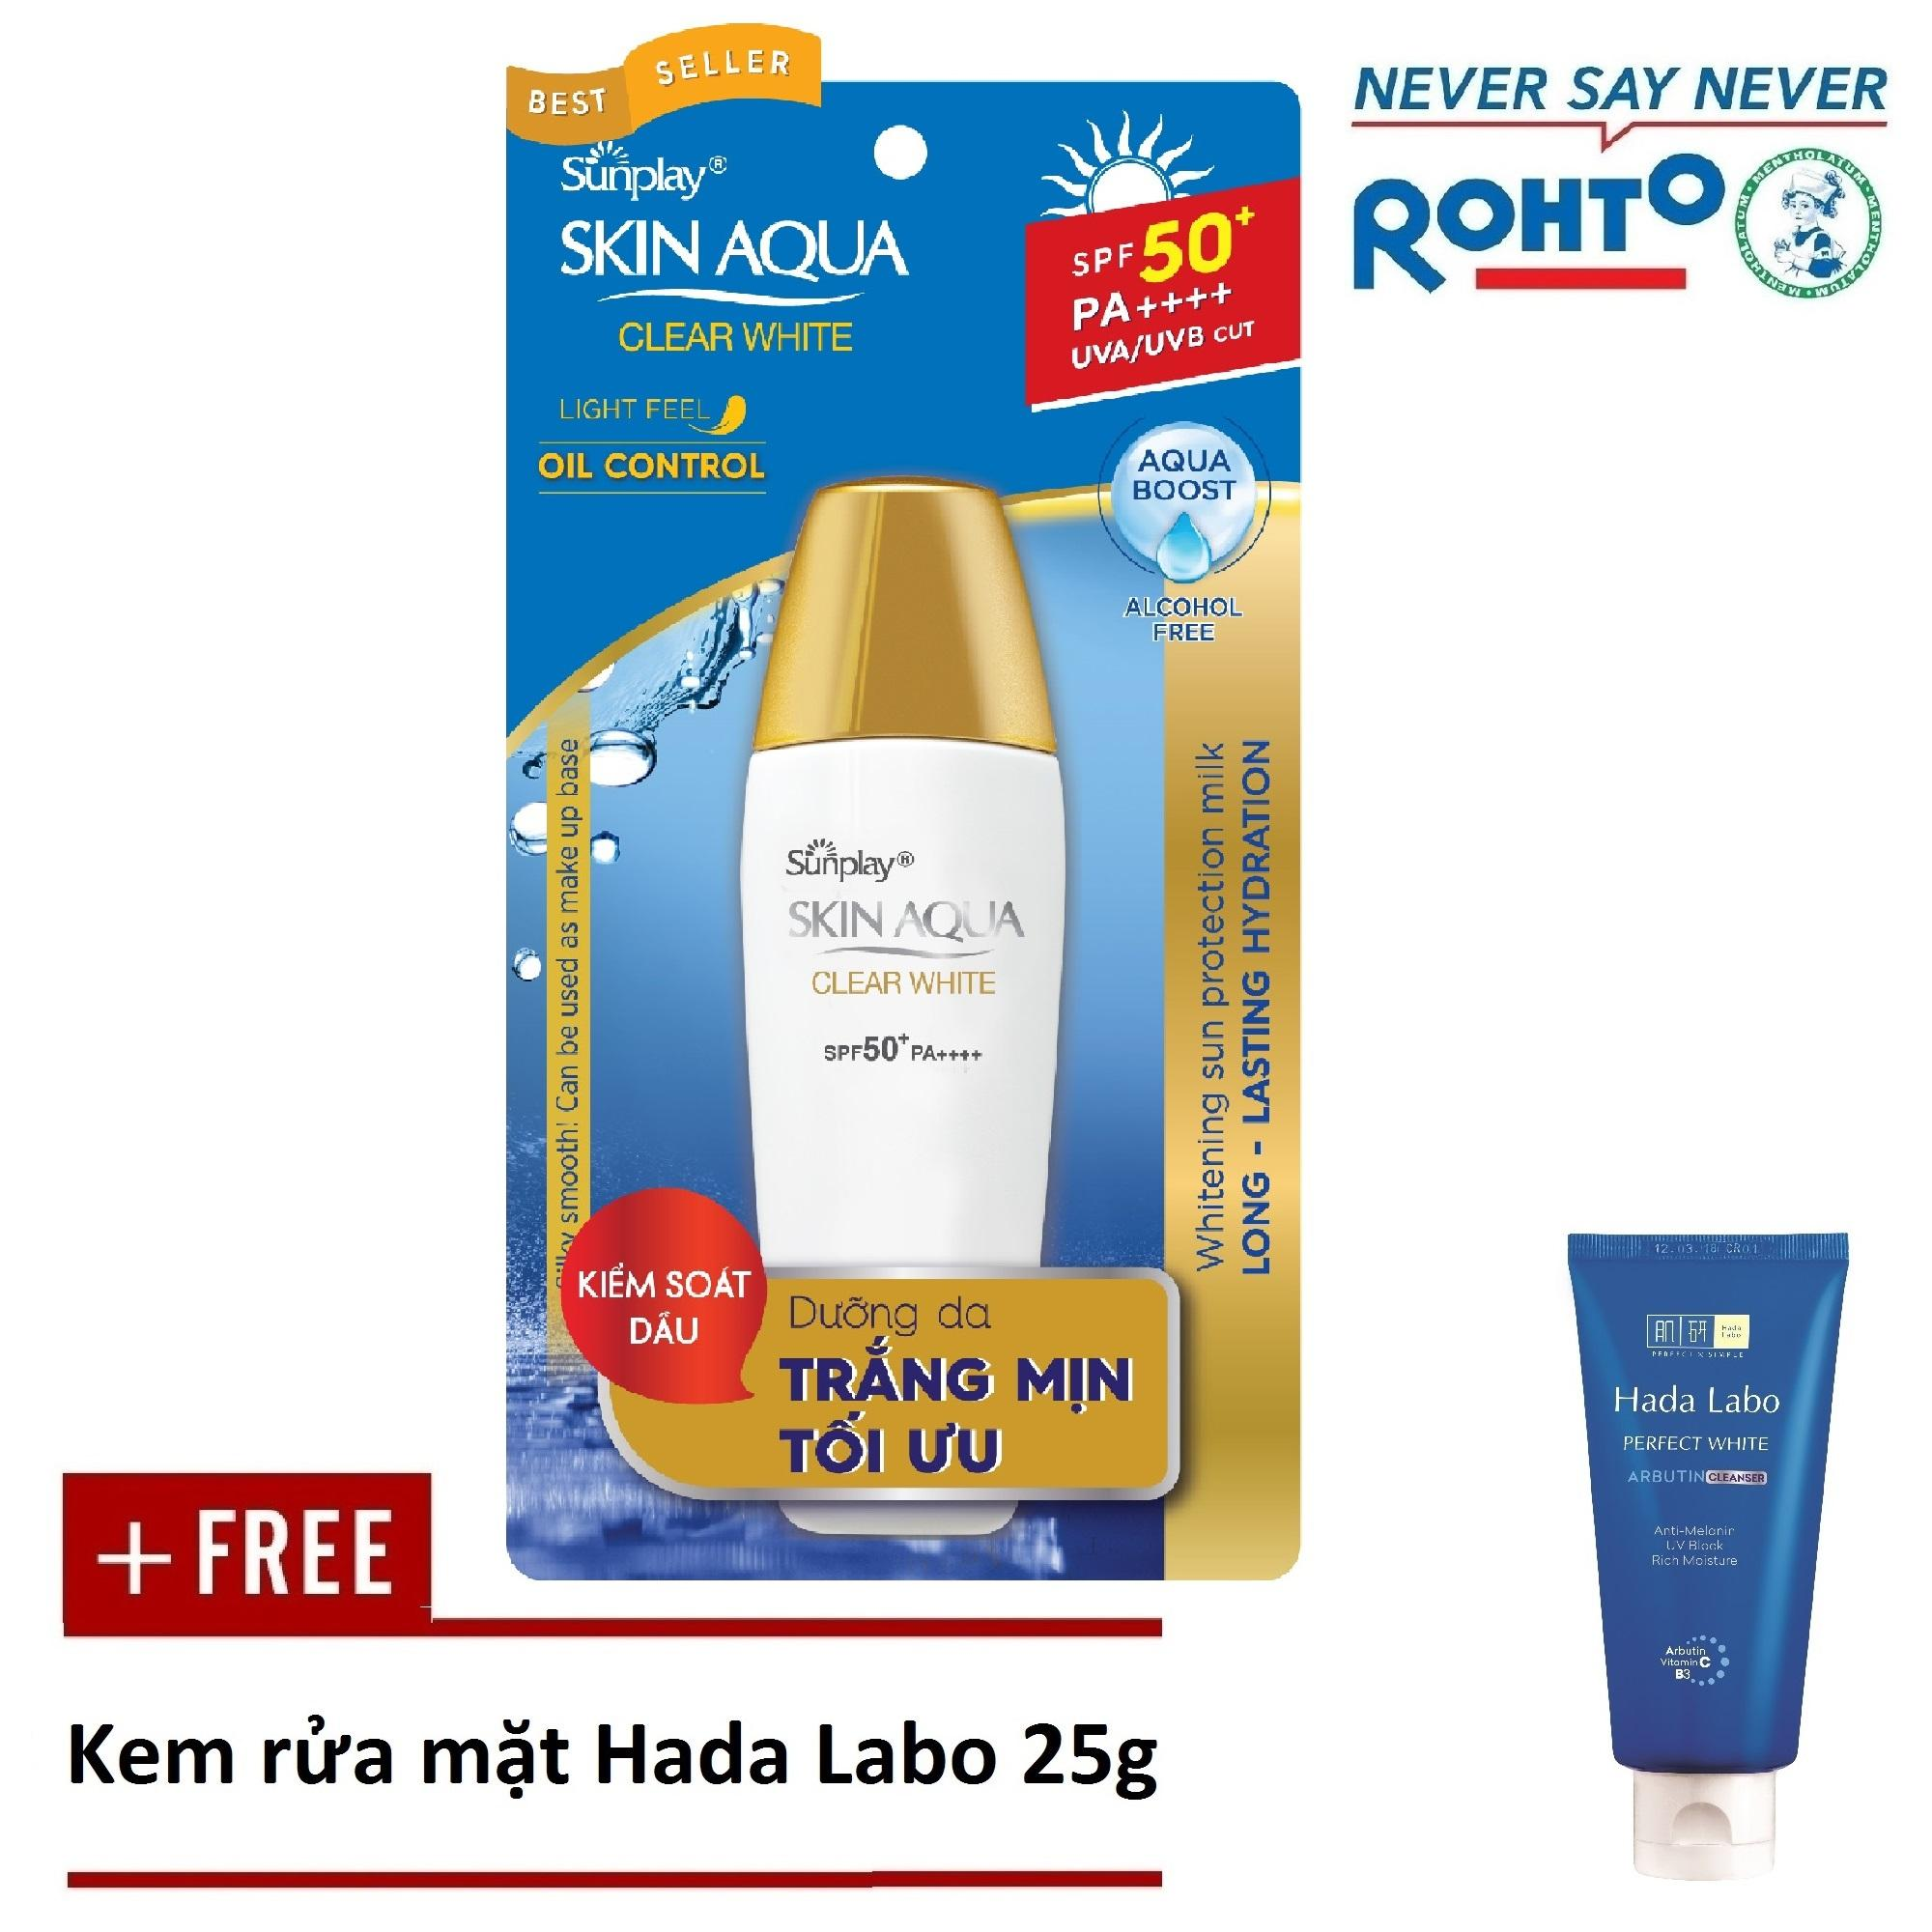 Hình ảnh Sữa chống nắng hằng ngày dưỡng trắng Sunplay Skin Aqua Clear White SPF 50+ PA++++ 25g + Tặng Kem rửa mặt Hada Labo 25g